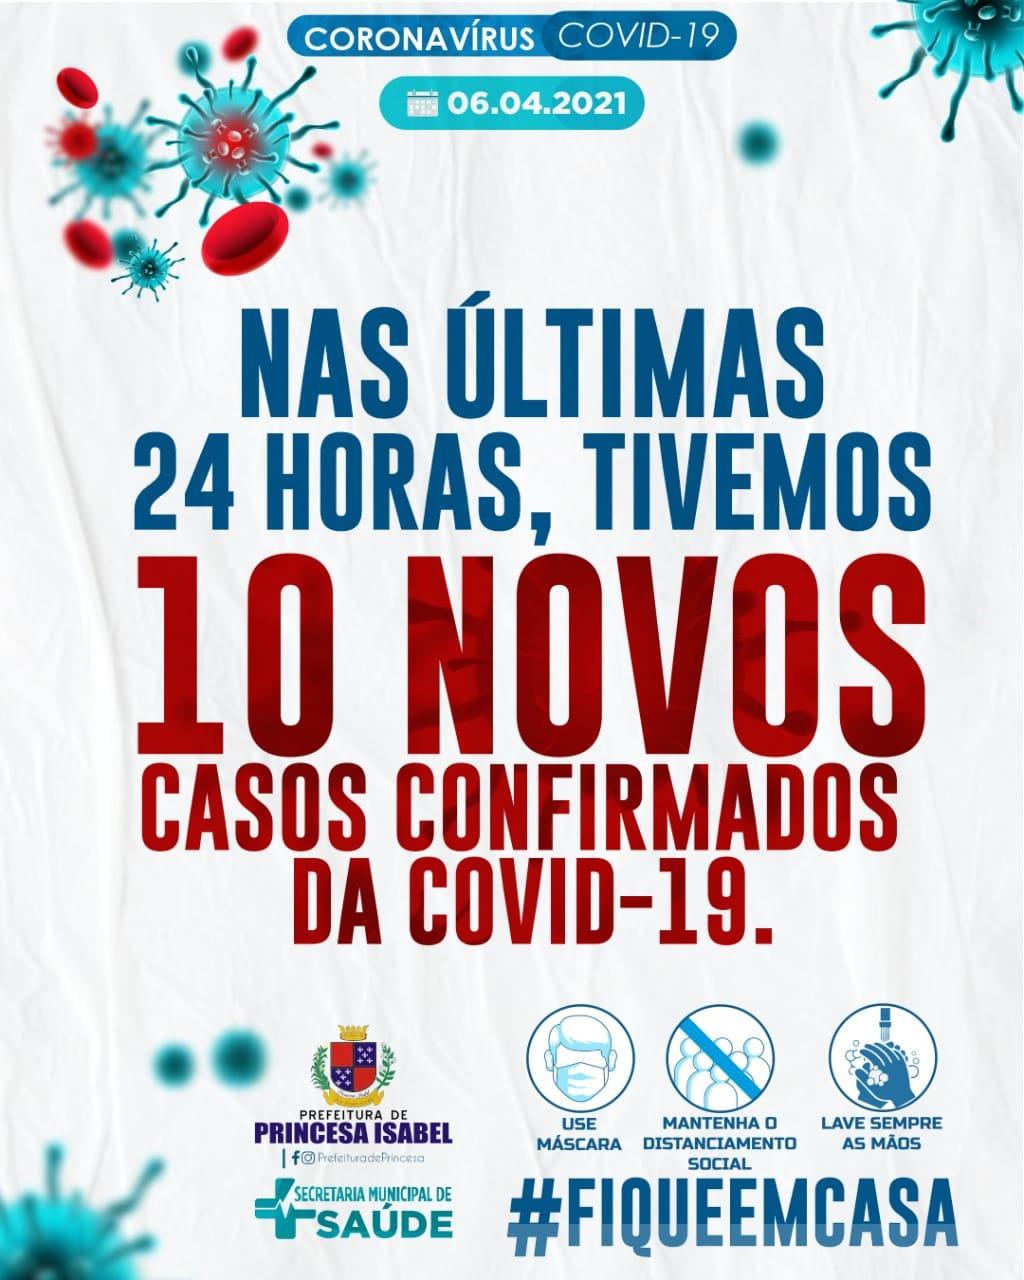 NAS ÚLTIMAS 24 HORAS, TIVEMOS 10 NOVOS CASOS CONFIRMADOS DA COVID-19.